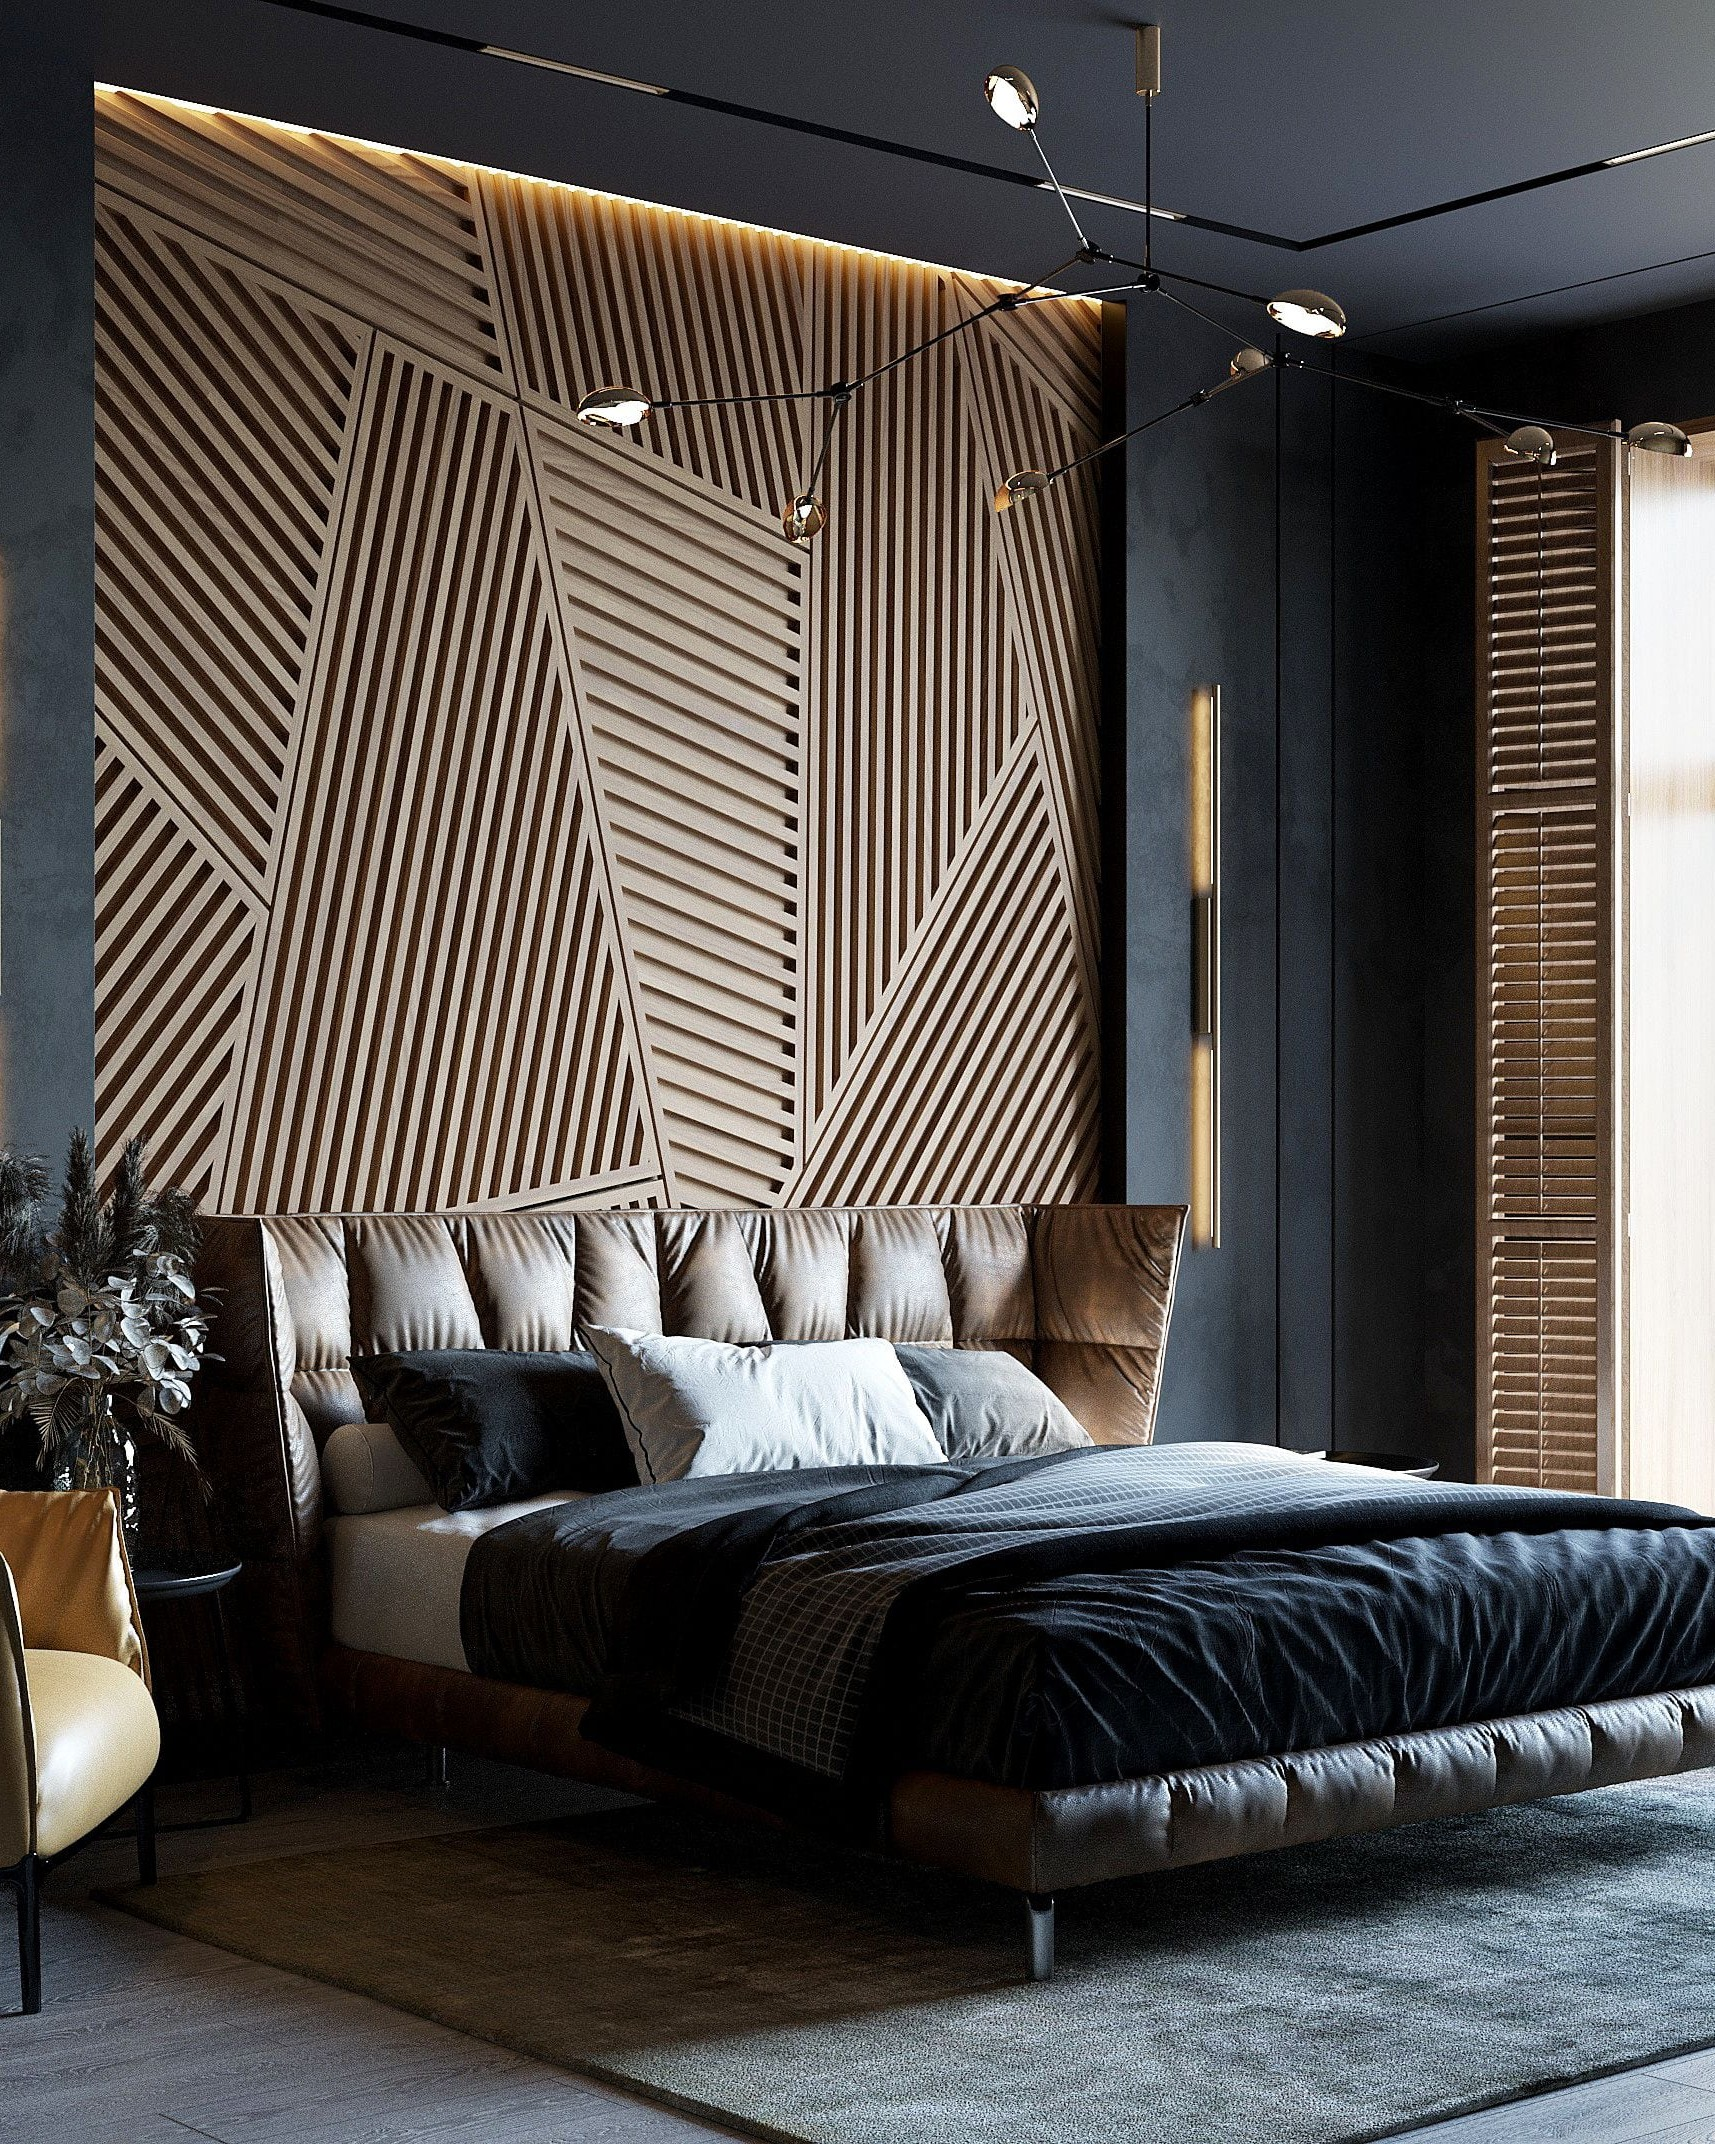 Thiết kế phòng ngủ không gian mở với tông đen vàng